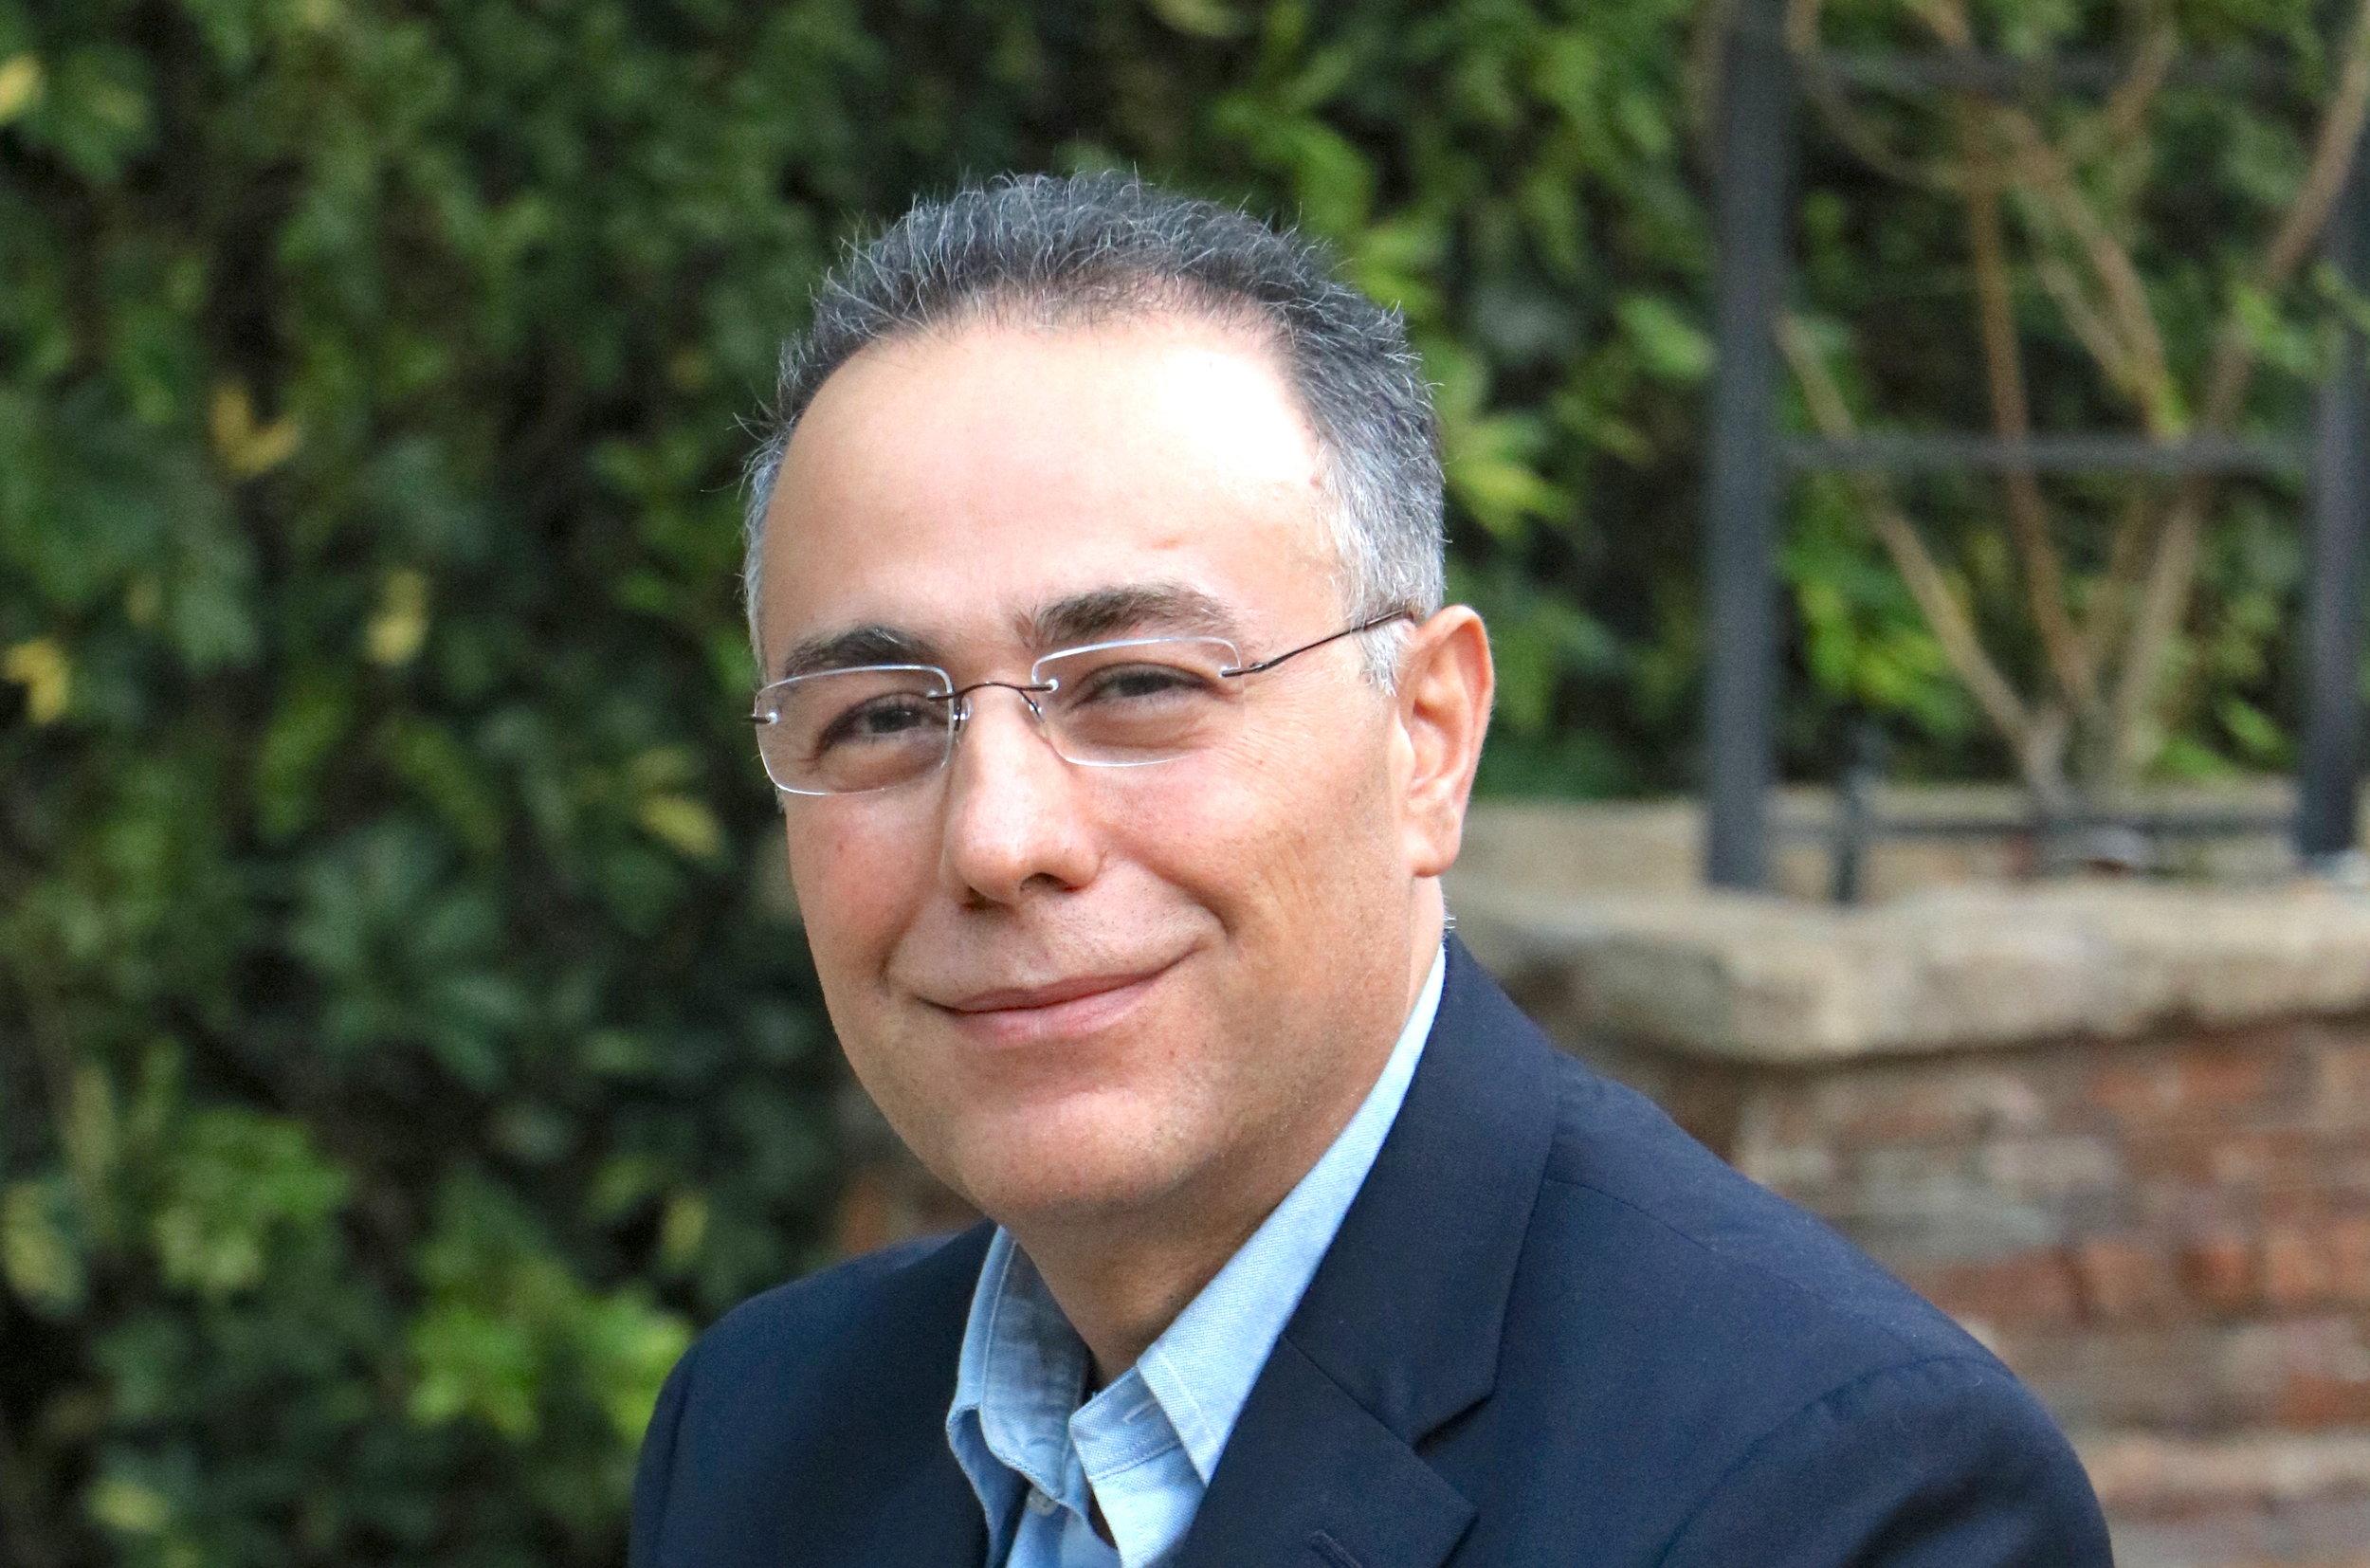 Dr. Ashkan Farhadi (M.D., MS, FACG ) ist ein führender Gastroenterologe, der Patienten mit Bewegungs- und Funktionsstörungen des Darms, wie z. B. RDS, aber auch Patienten mit entzündlichen Darmerkrankungen und anderen abdominellen Krankheiten behandelt.   Dr. Farhadi ist Facharzt für Gastroenterologie und Ernährung am Rush University Medical Center in Chicago, USA. Er ist ebenso auf dem Gebiet der Gastroenterologie als Forscher tätig und ein Mitglied der Internationalen Gesellschaft für Funktionelle Gastrointestinale Erkrankungen (International Foundation for Functional Gastrointestinal Disorders). Seine Forschungsgebiete schließen das  Reizdarmsyndrom , entzündliche Darmerkrankungen und die Permiablität des Gastrointestinaltrakts ein.  Weitere Informationen über  Dr. Farhadi finden Sie unter den folgenden Verweisen:    Dr. Farhadis Profil    Rush University Medical Center